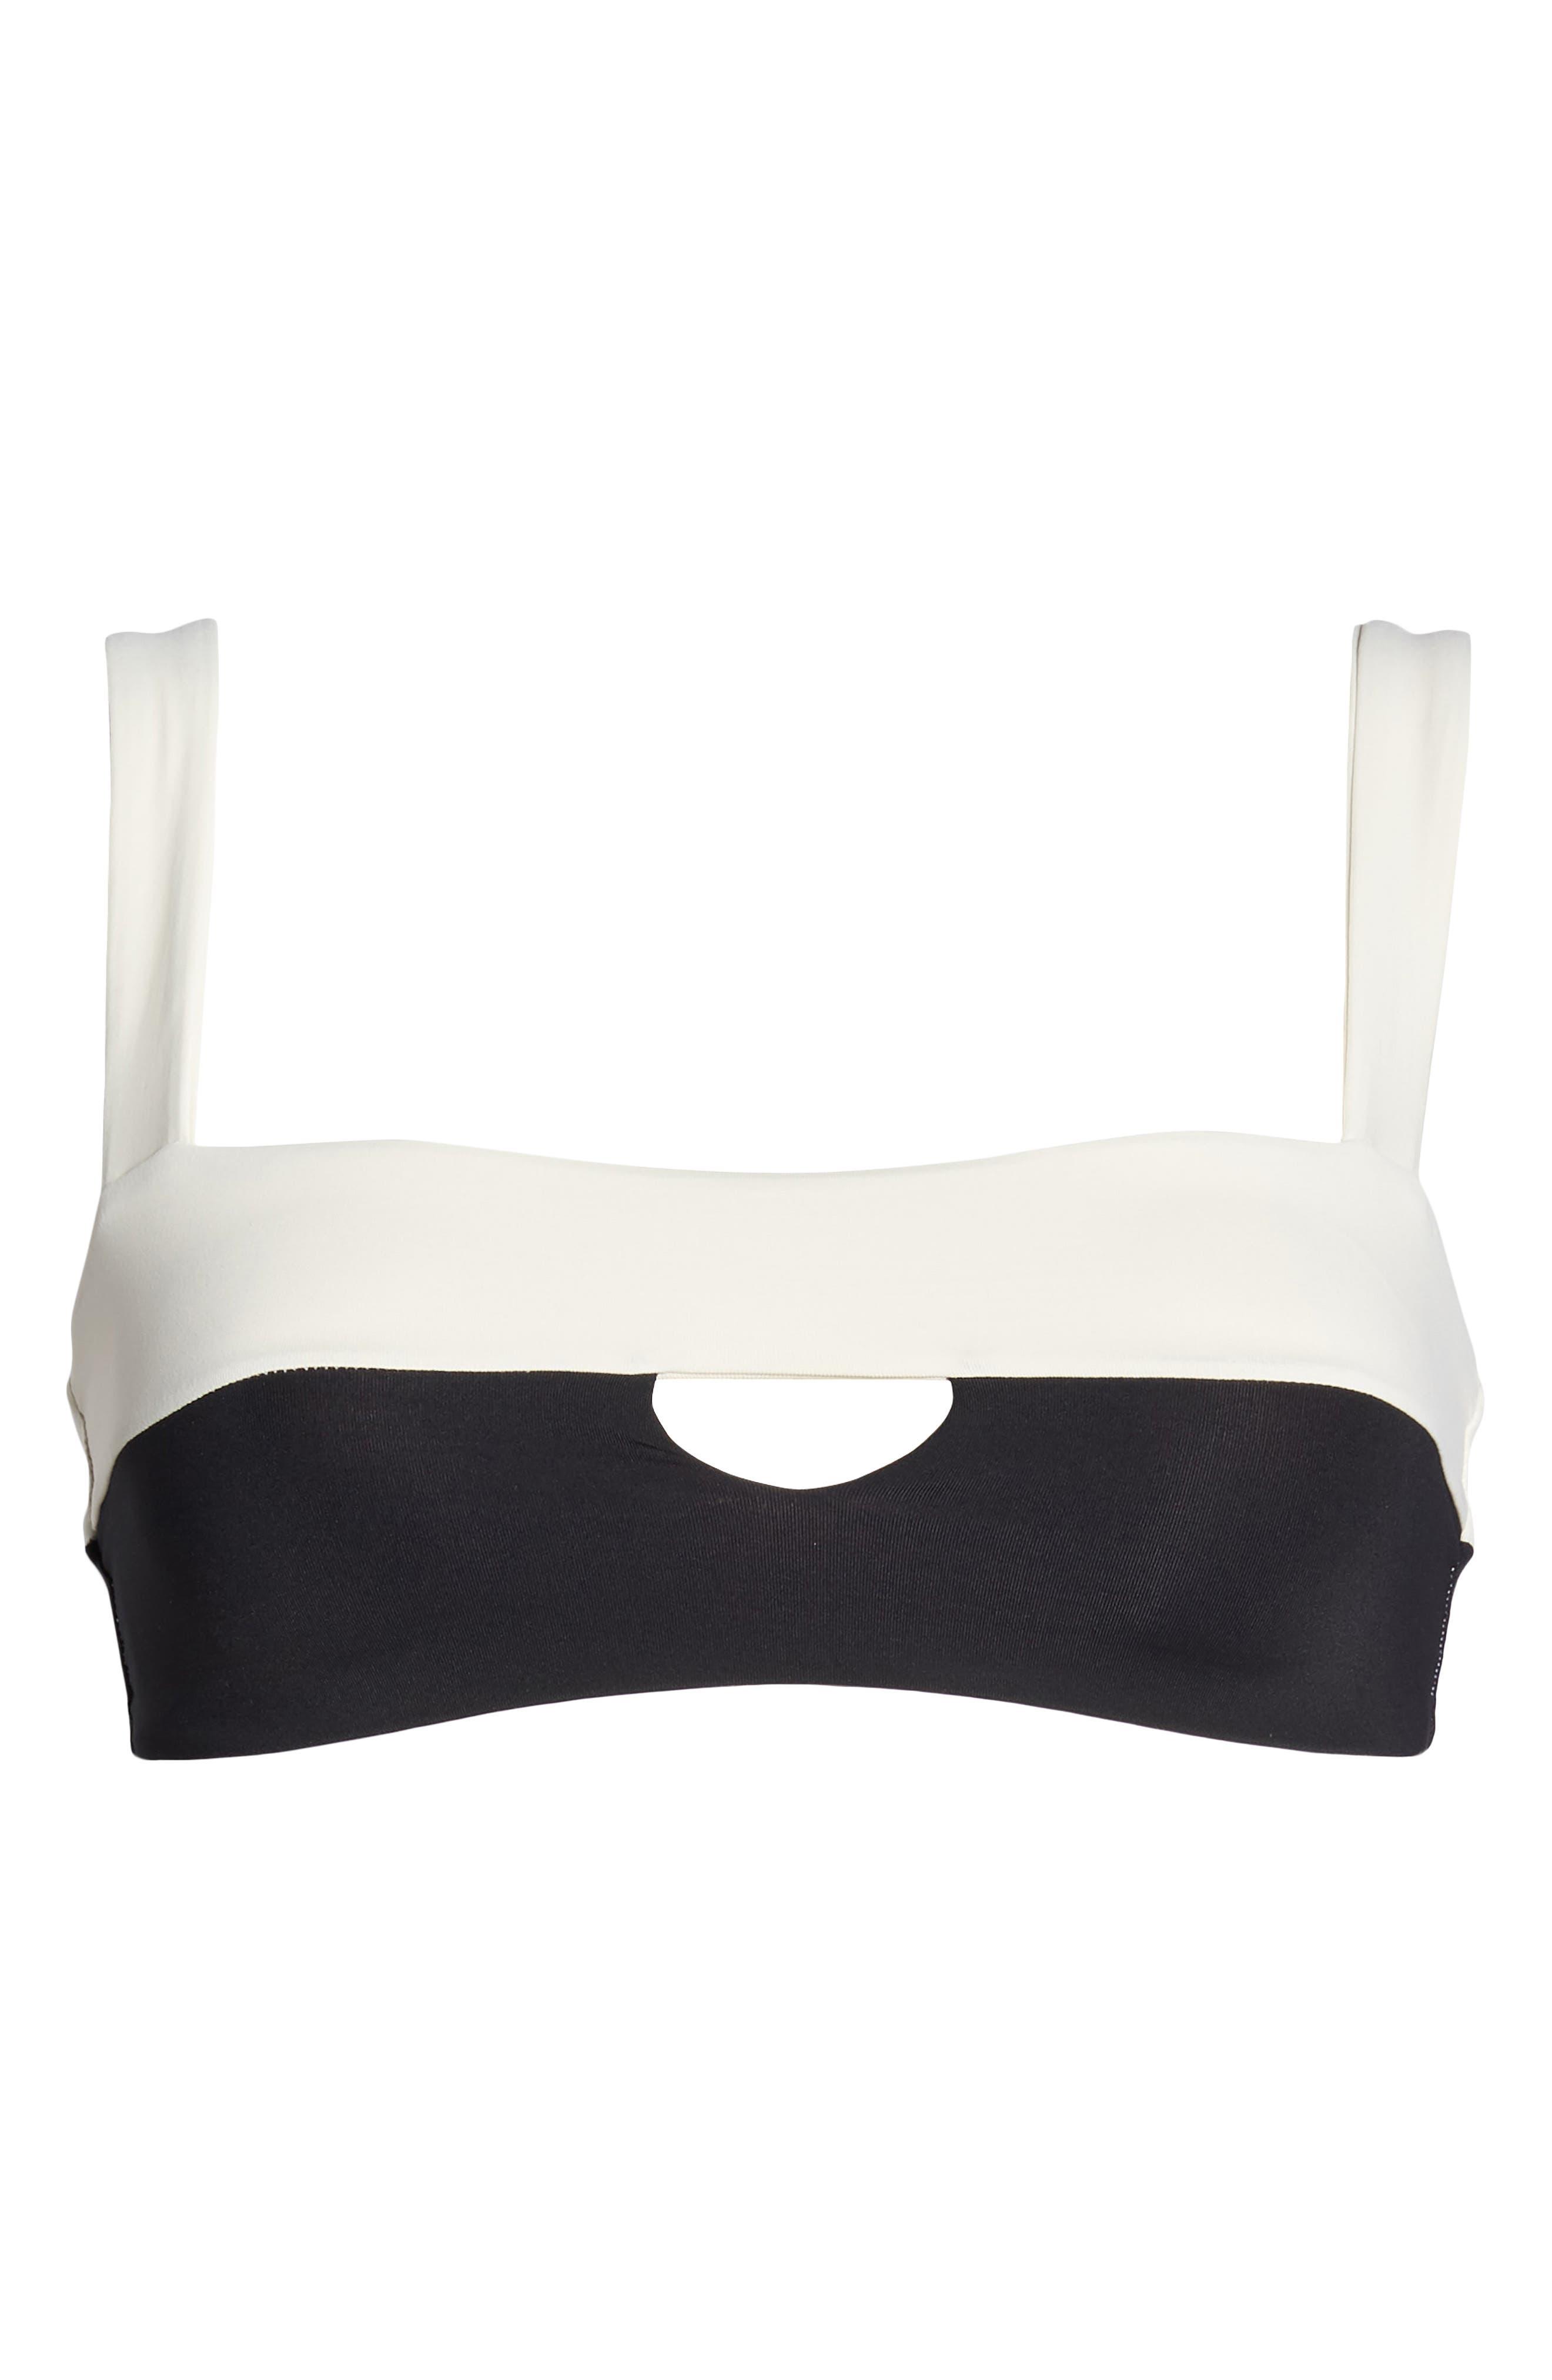 Turlington Reversible Bikini Top,                             Alternate thumbnail 6, color,                             CREAM/ BLACK/ CAMEL